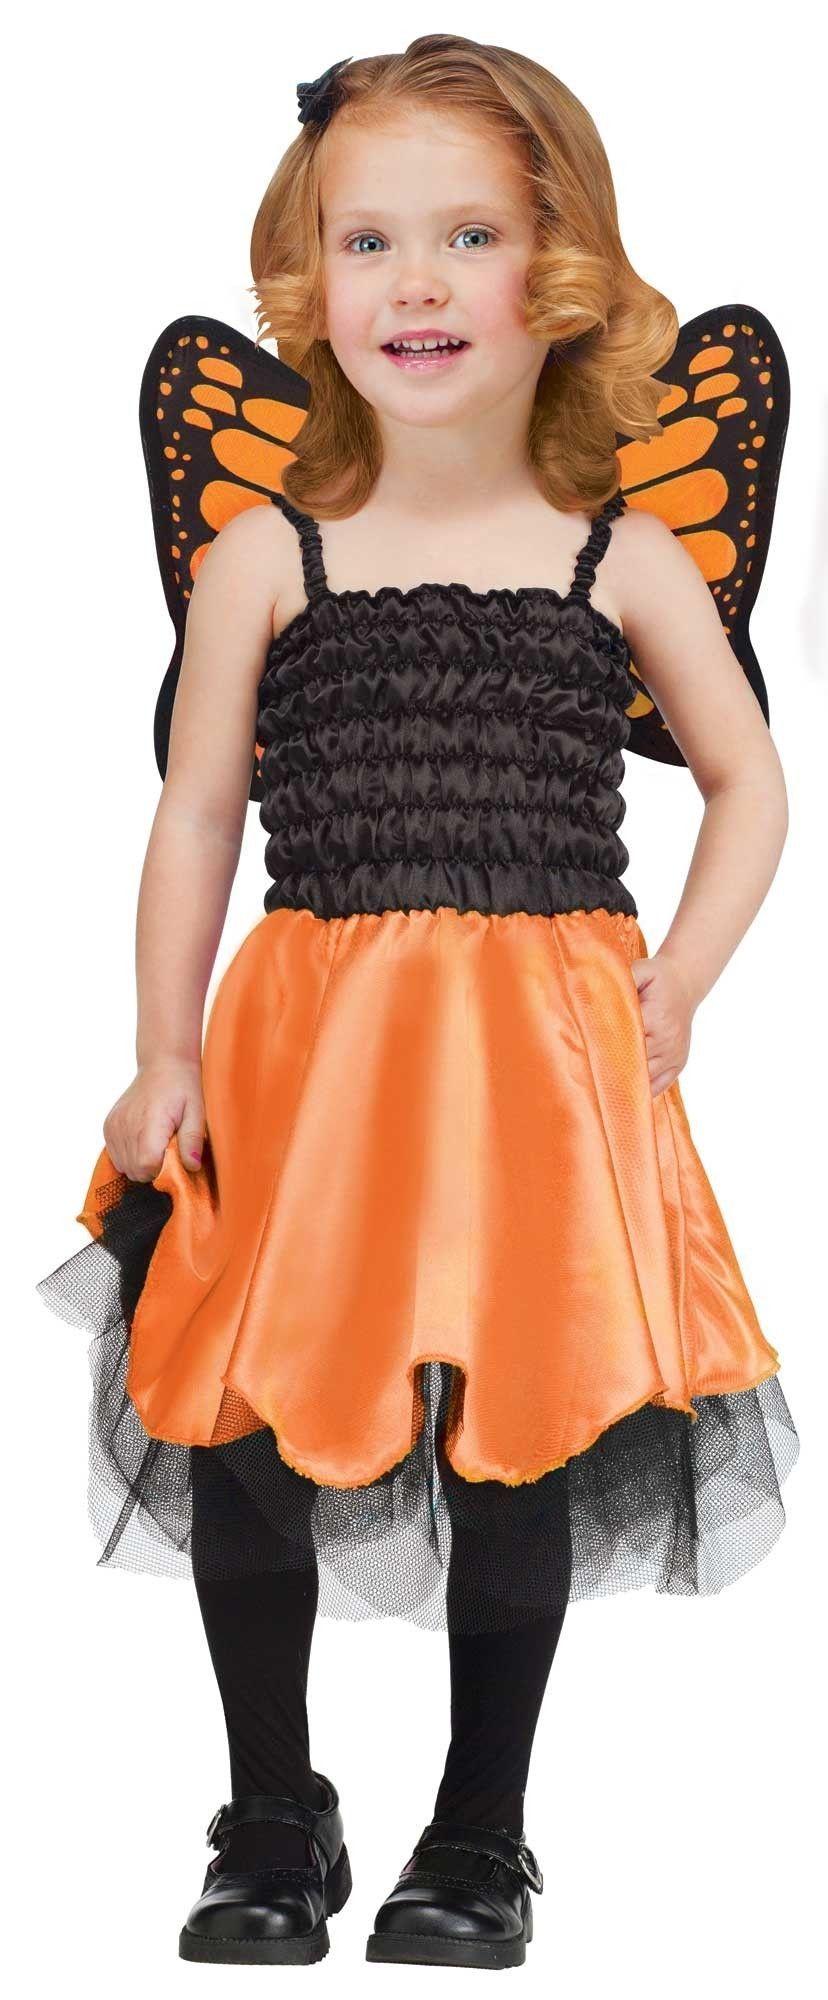 Детский костюм оранжевой Бабочки (28) детский костюм озорного клоуна 34